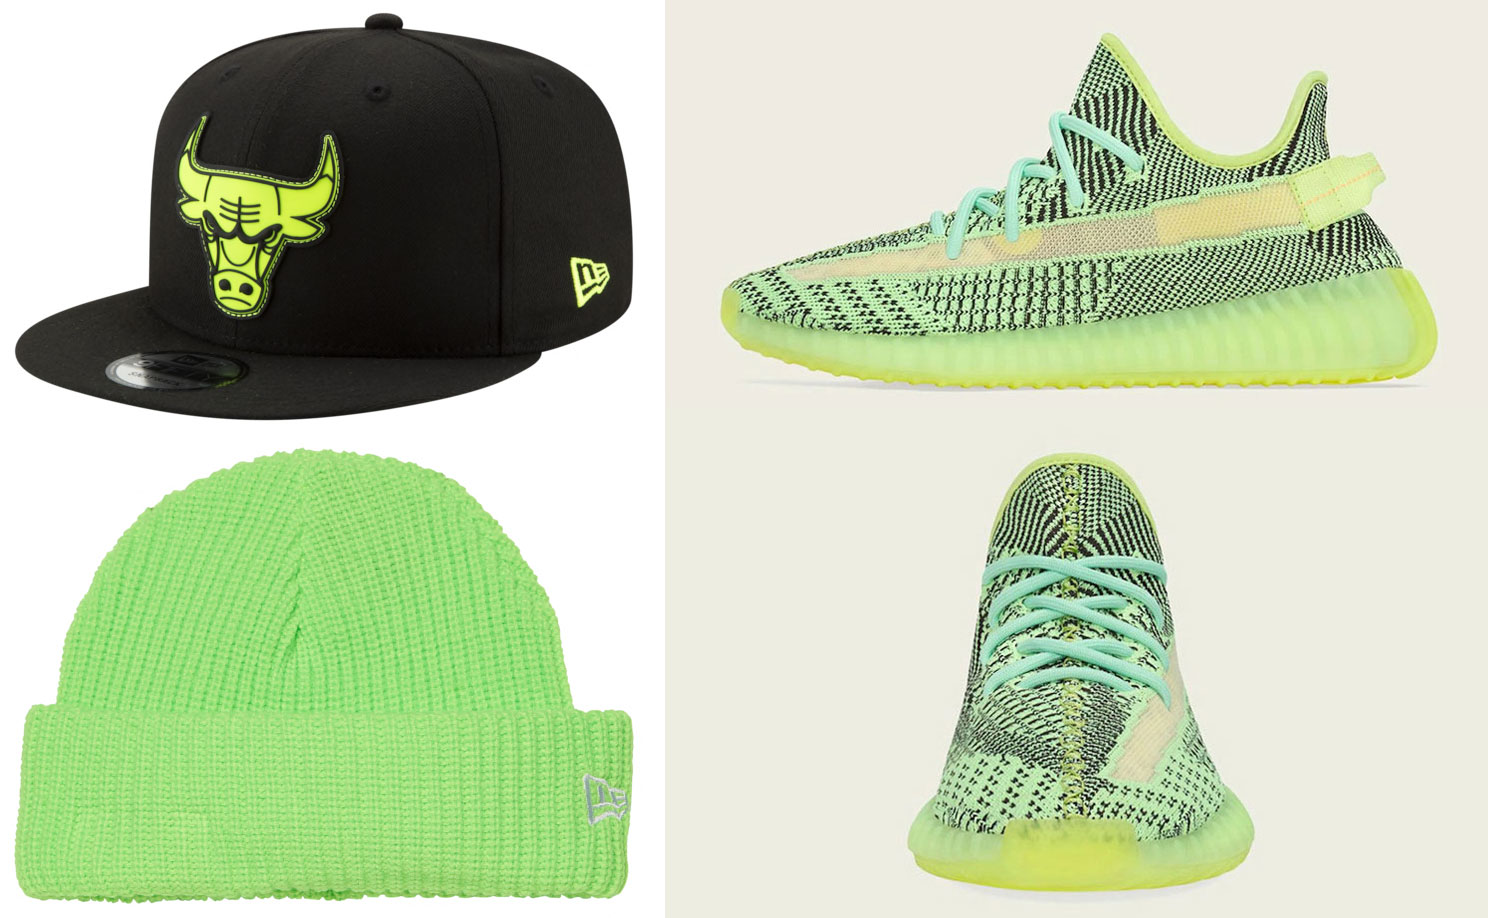 yeezy-boost-350-v2-yeezreel-hats-to-match